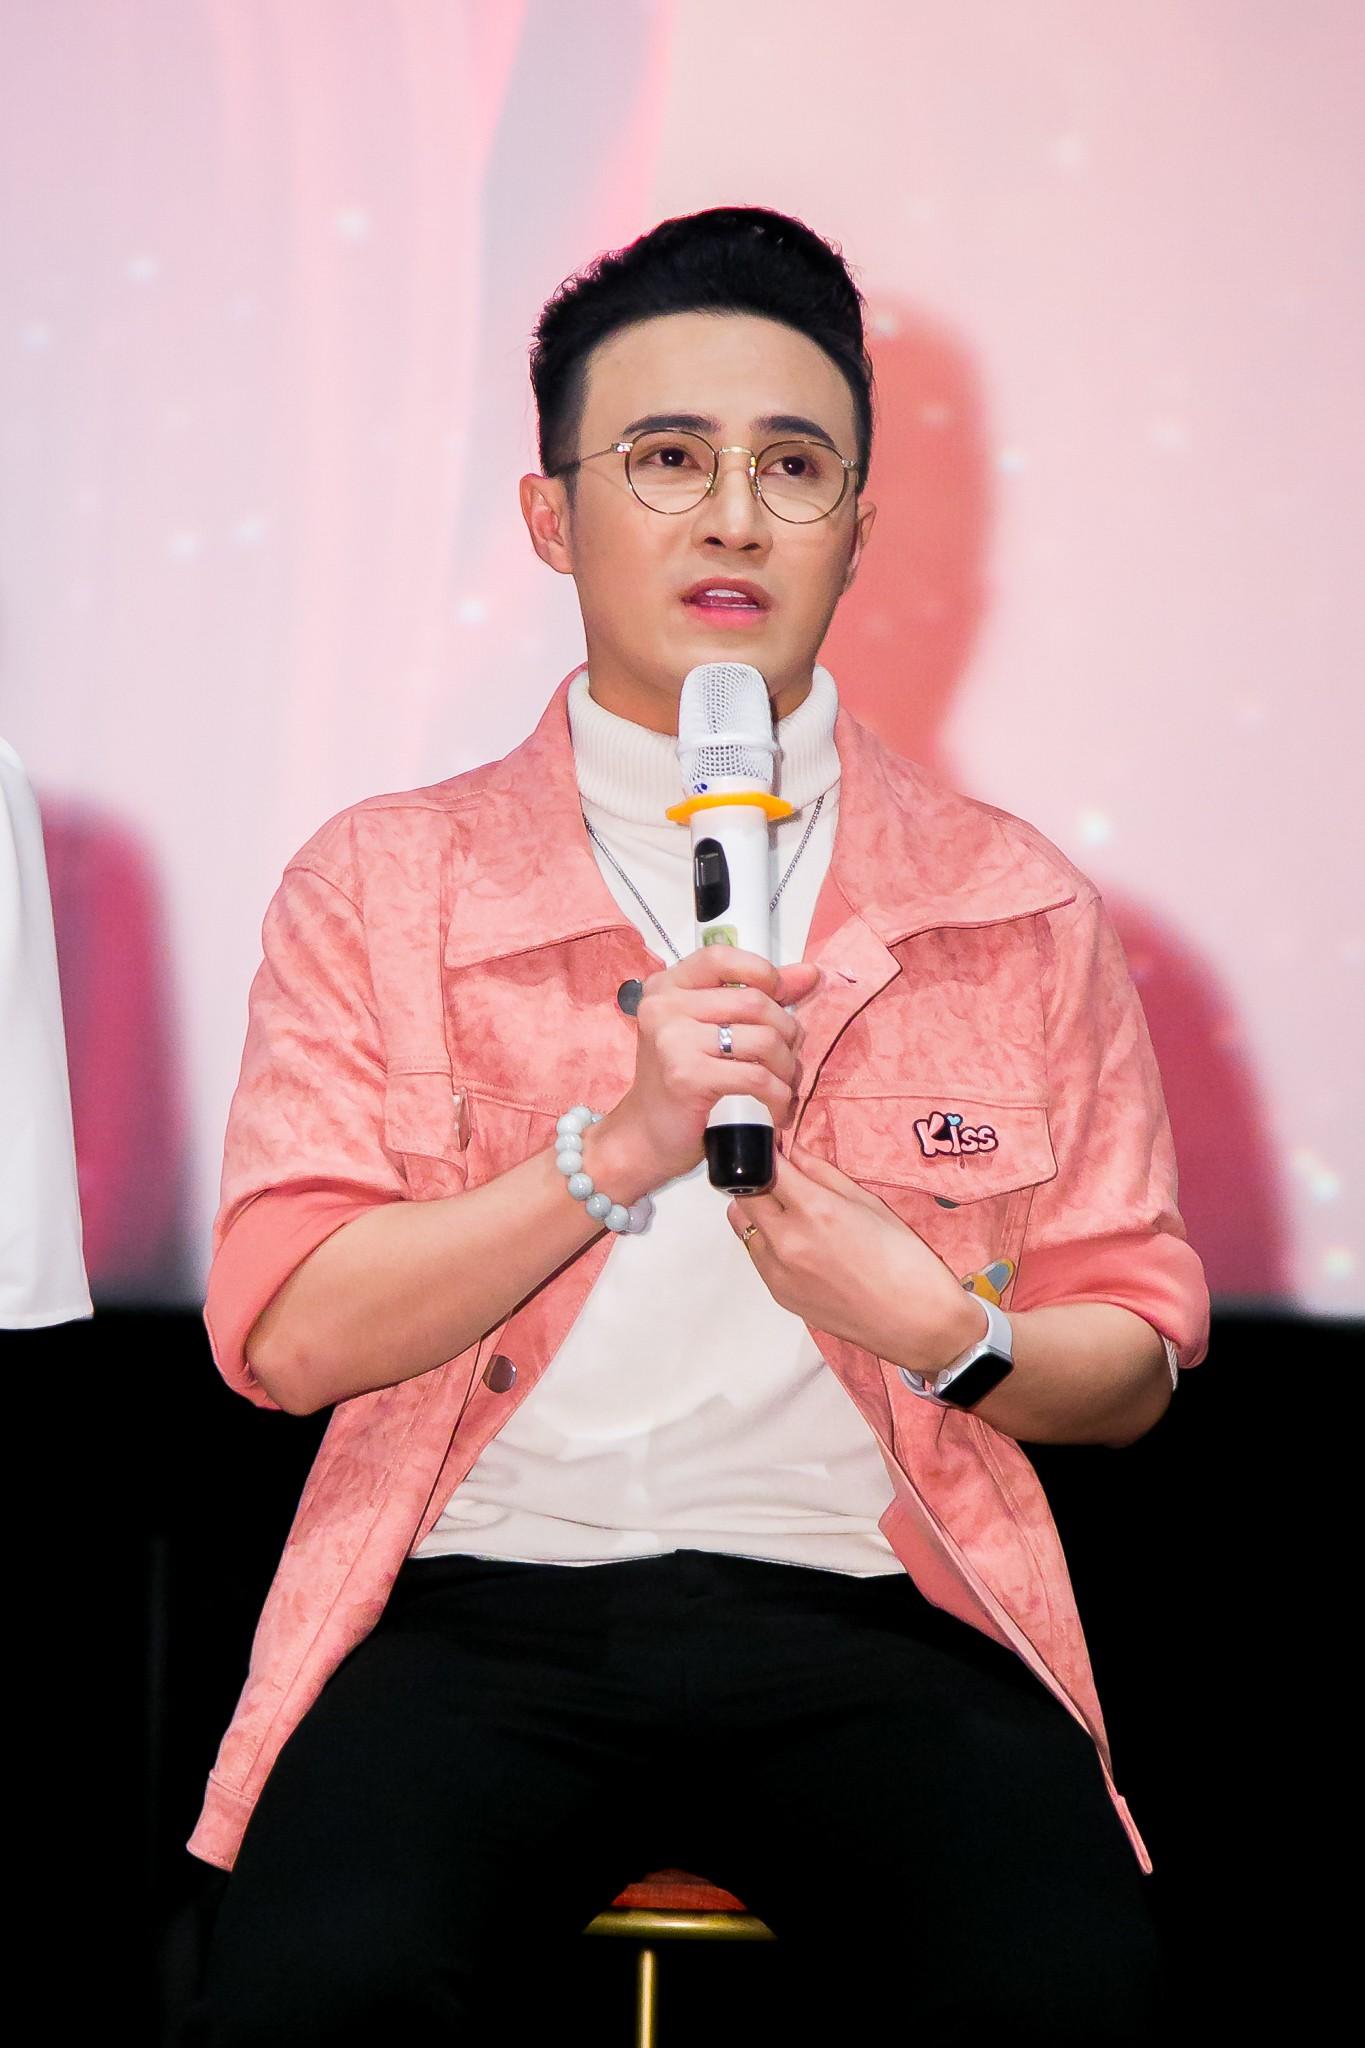 Sau ồn ào phát ngôn đẻ con gây tranh cãi, vợ chồng Lâm Khánh Chi tình tứ đi sự kiện - Ảnh 10.